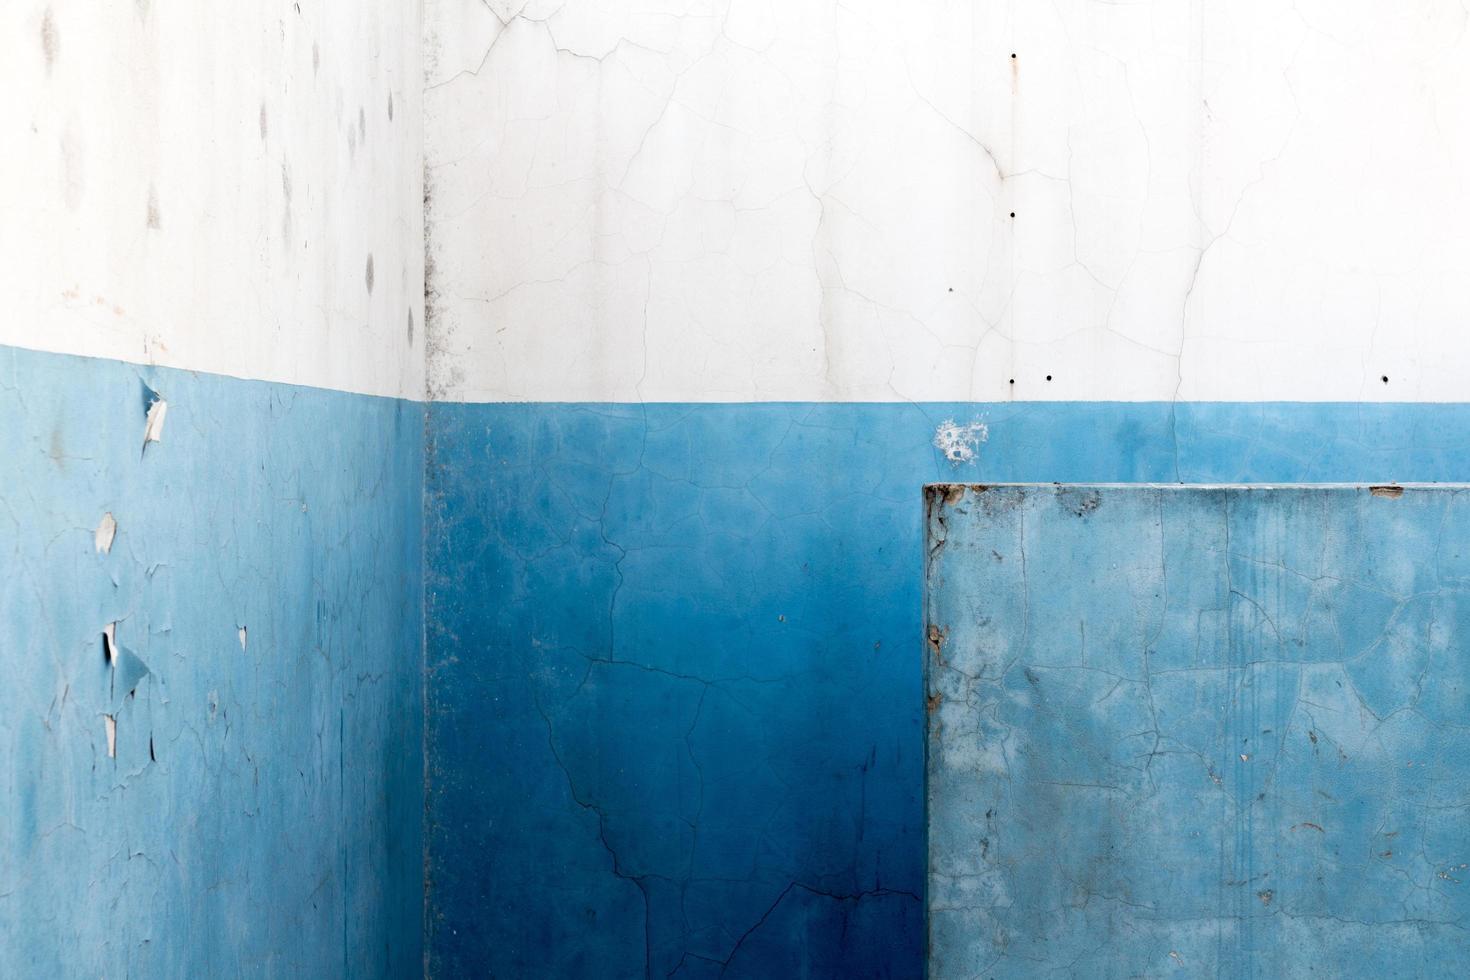 Blue concrete wall photo